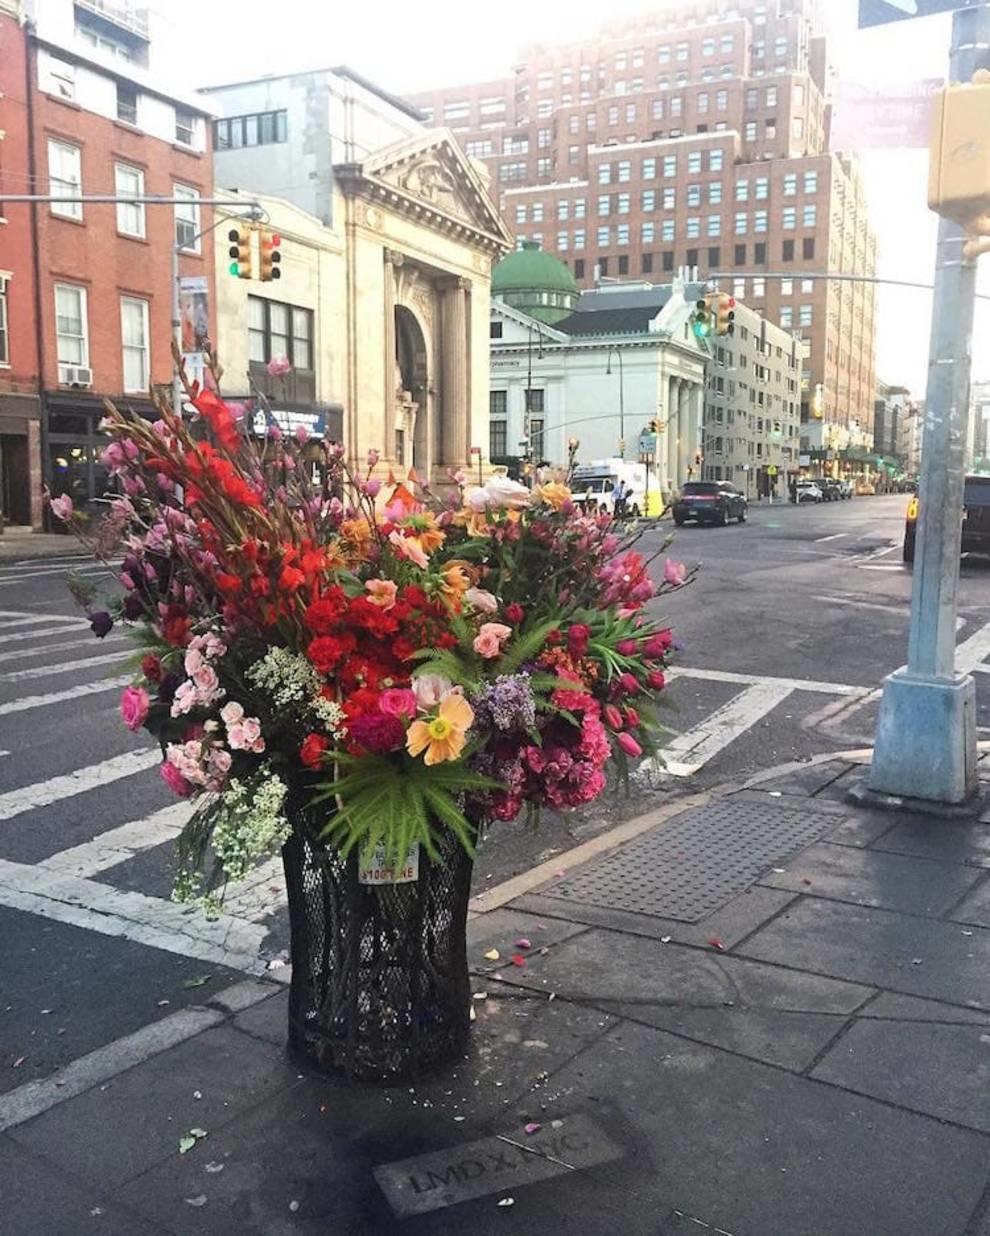 Художник-флорист и его команда украшают мусорные баки цветами, оставшимися после свадеб